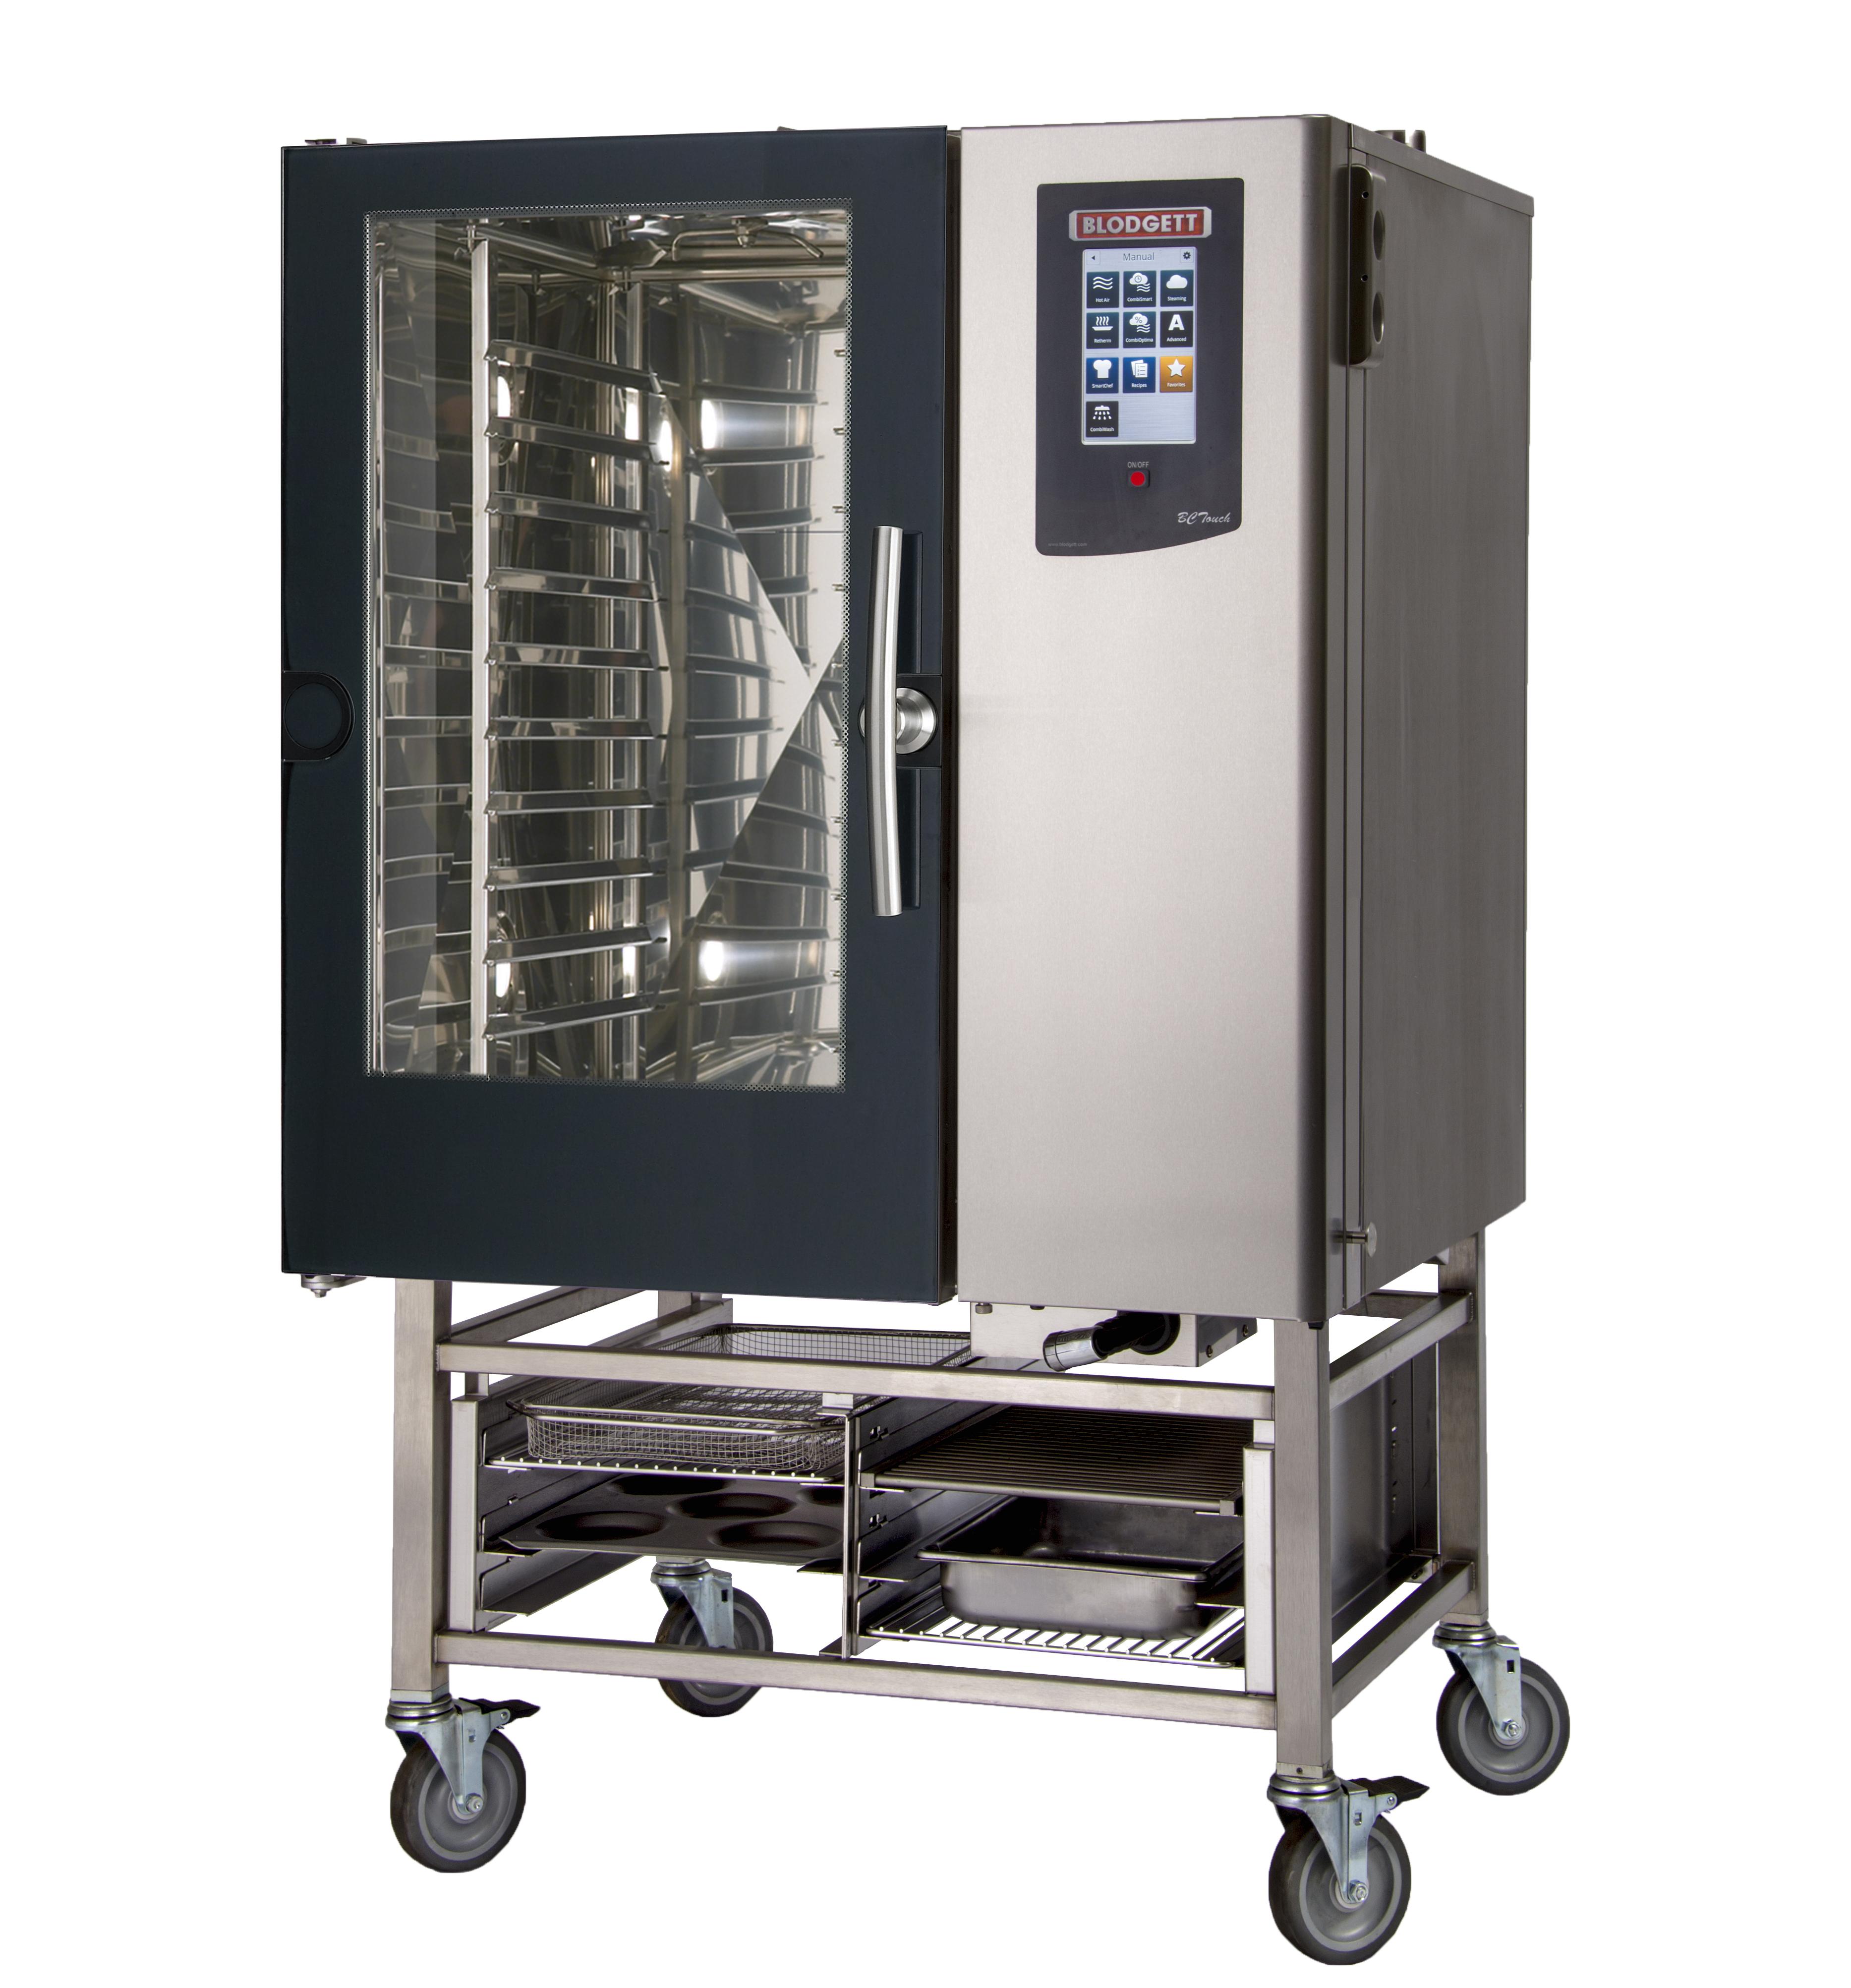 Blodgett BCT101G combi oven